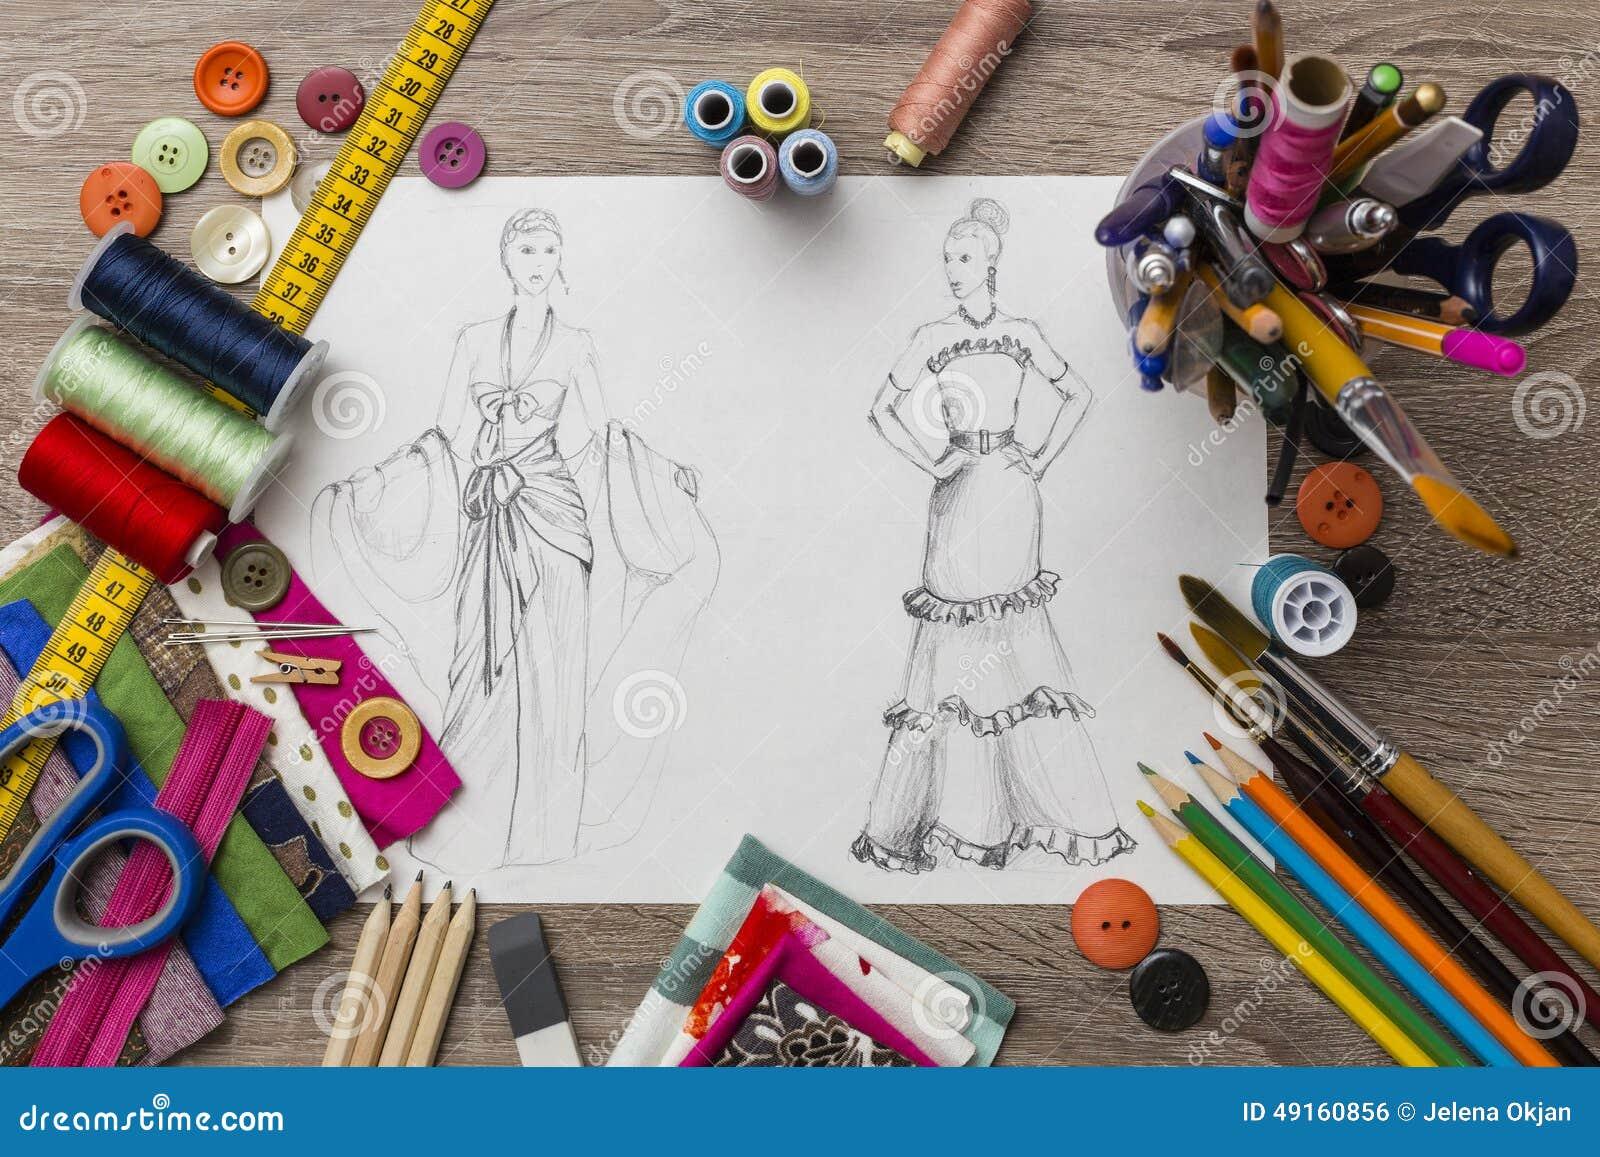 Fashion Design Course Materials